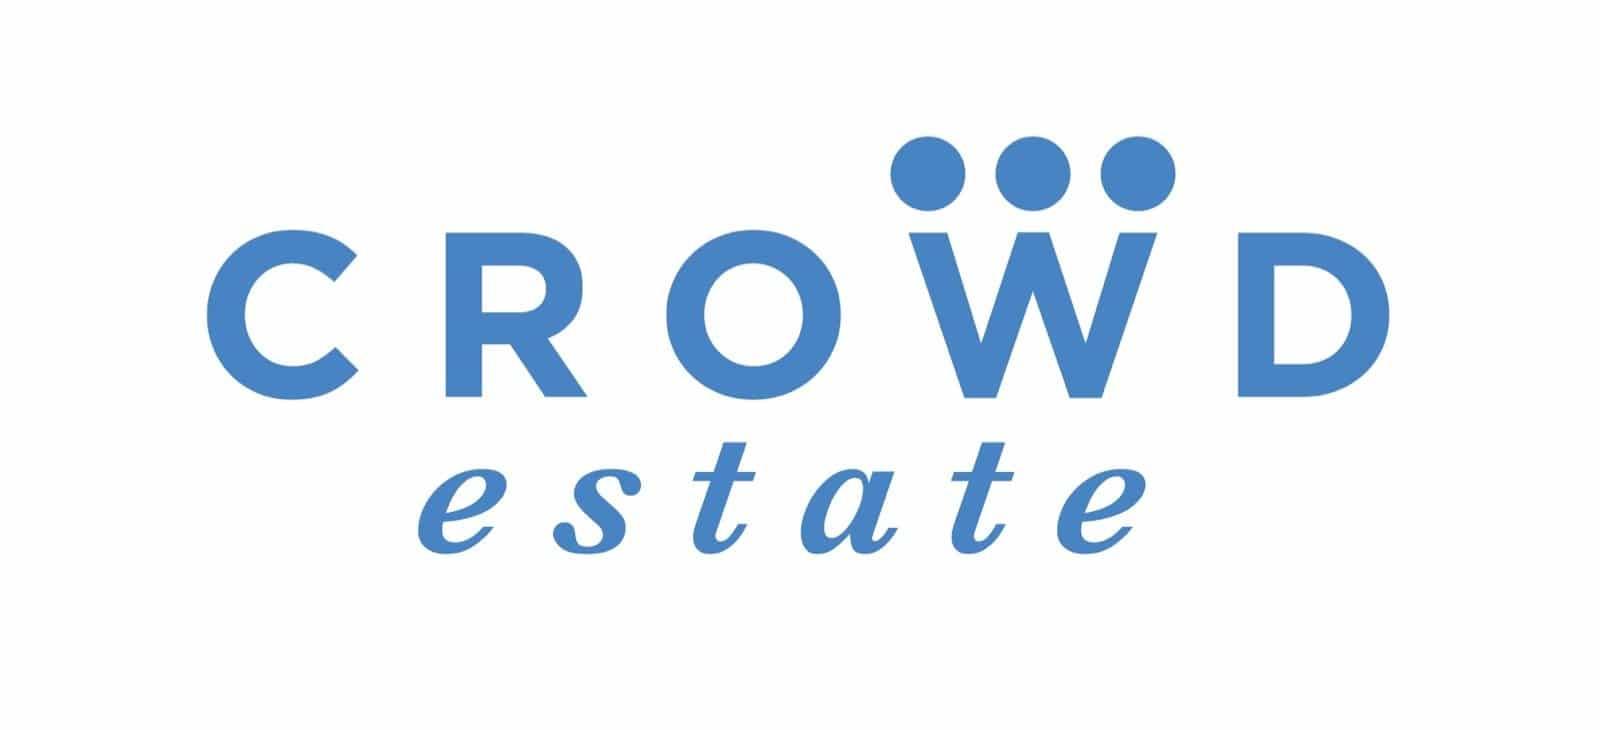 Crowdestate ejendoms investering – Anmeldelse af platformen